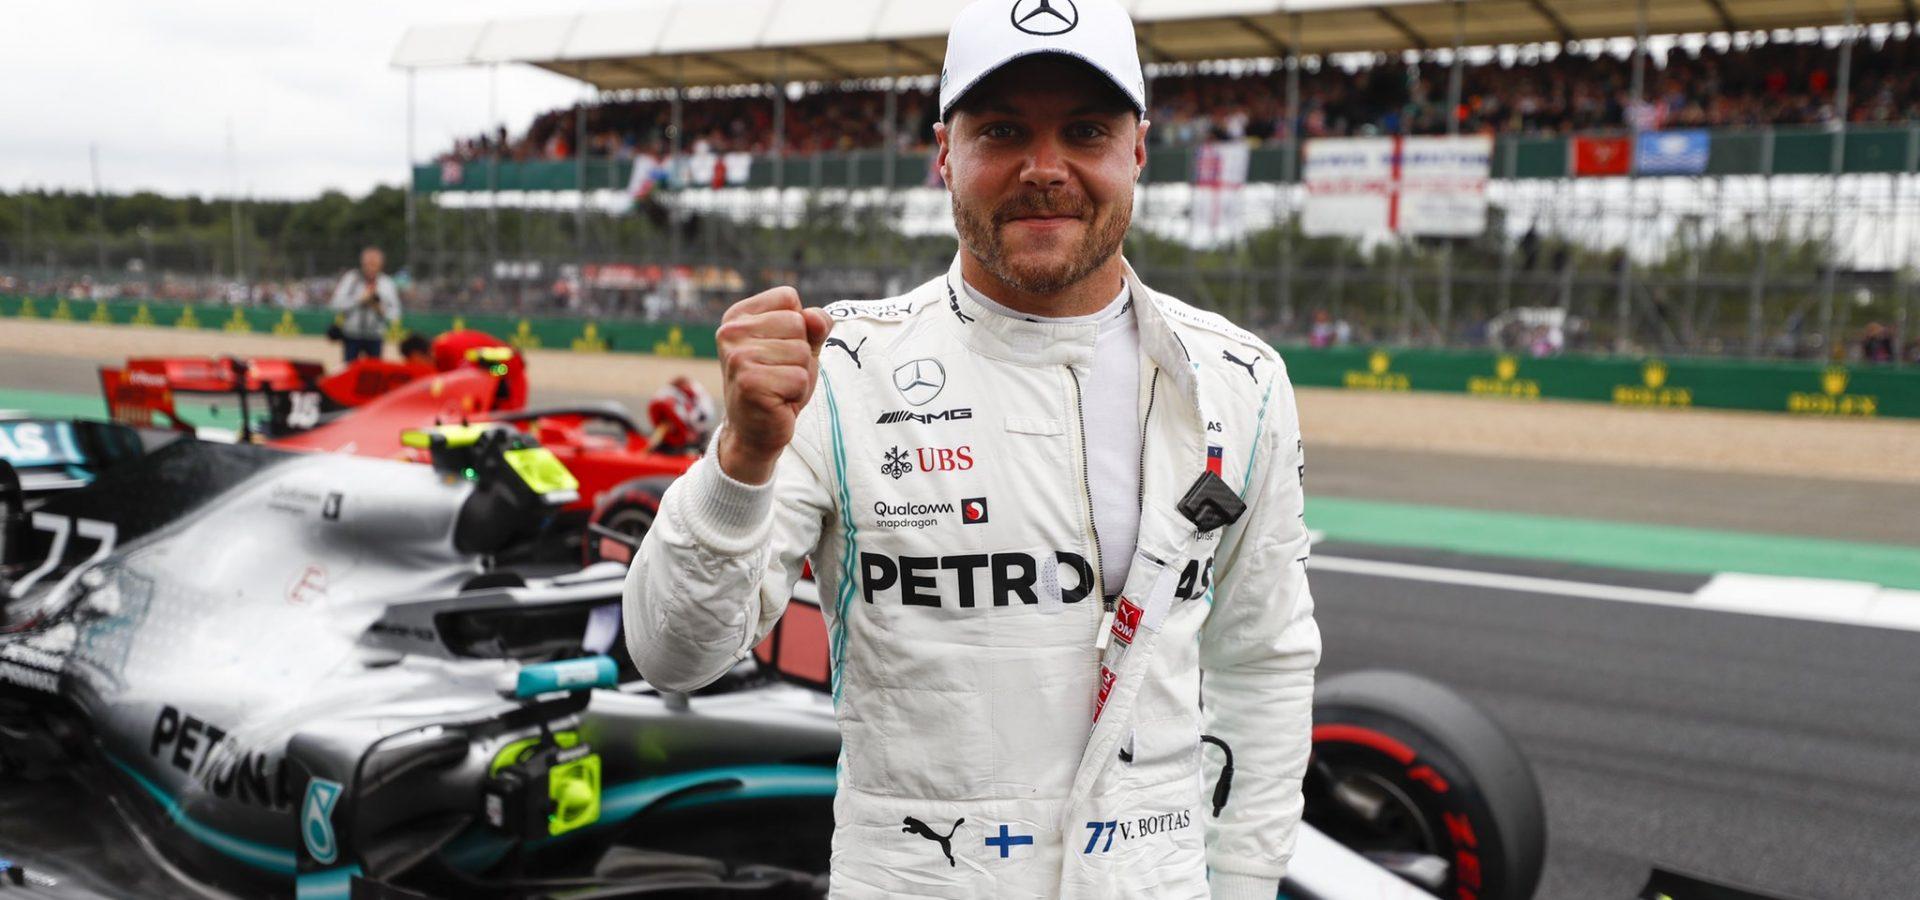 Valtteri Bottas, Mercedes, pole, British GP 2019, Silverstone